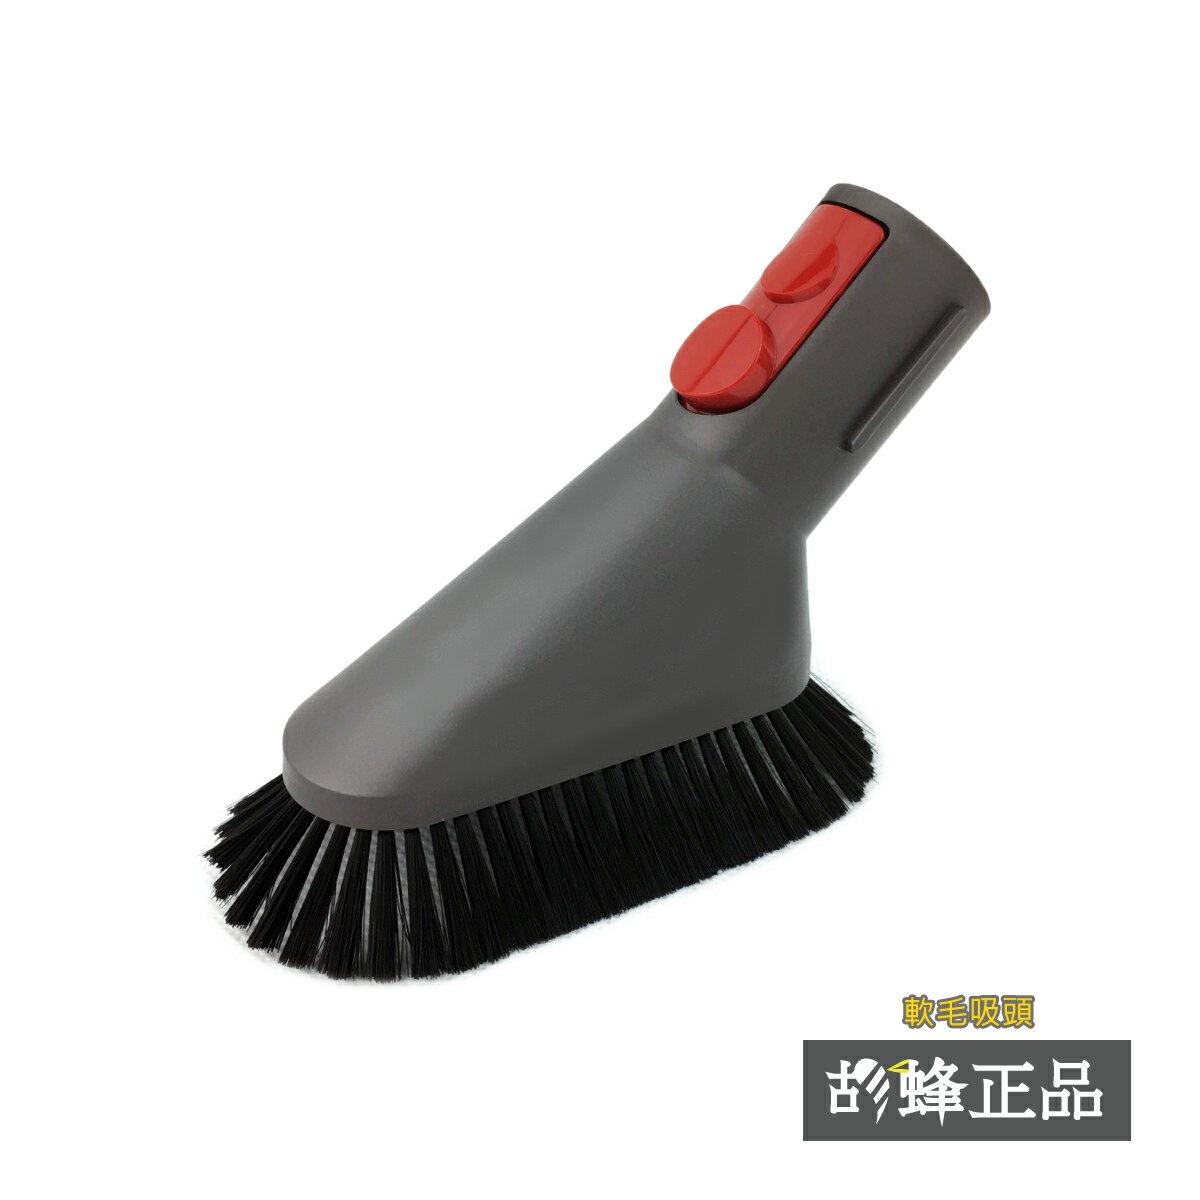 ㊣胡蜂正品㊣ DYSON 原廠 V8 SV10 軟毛吸頭 小軟毛刷 吸頭 absolute motorhead fluffy